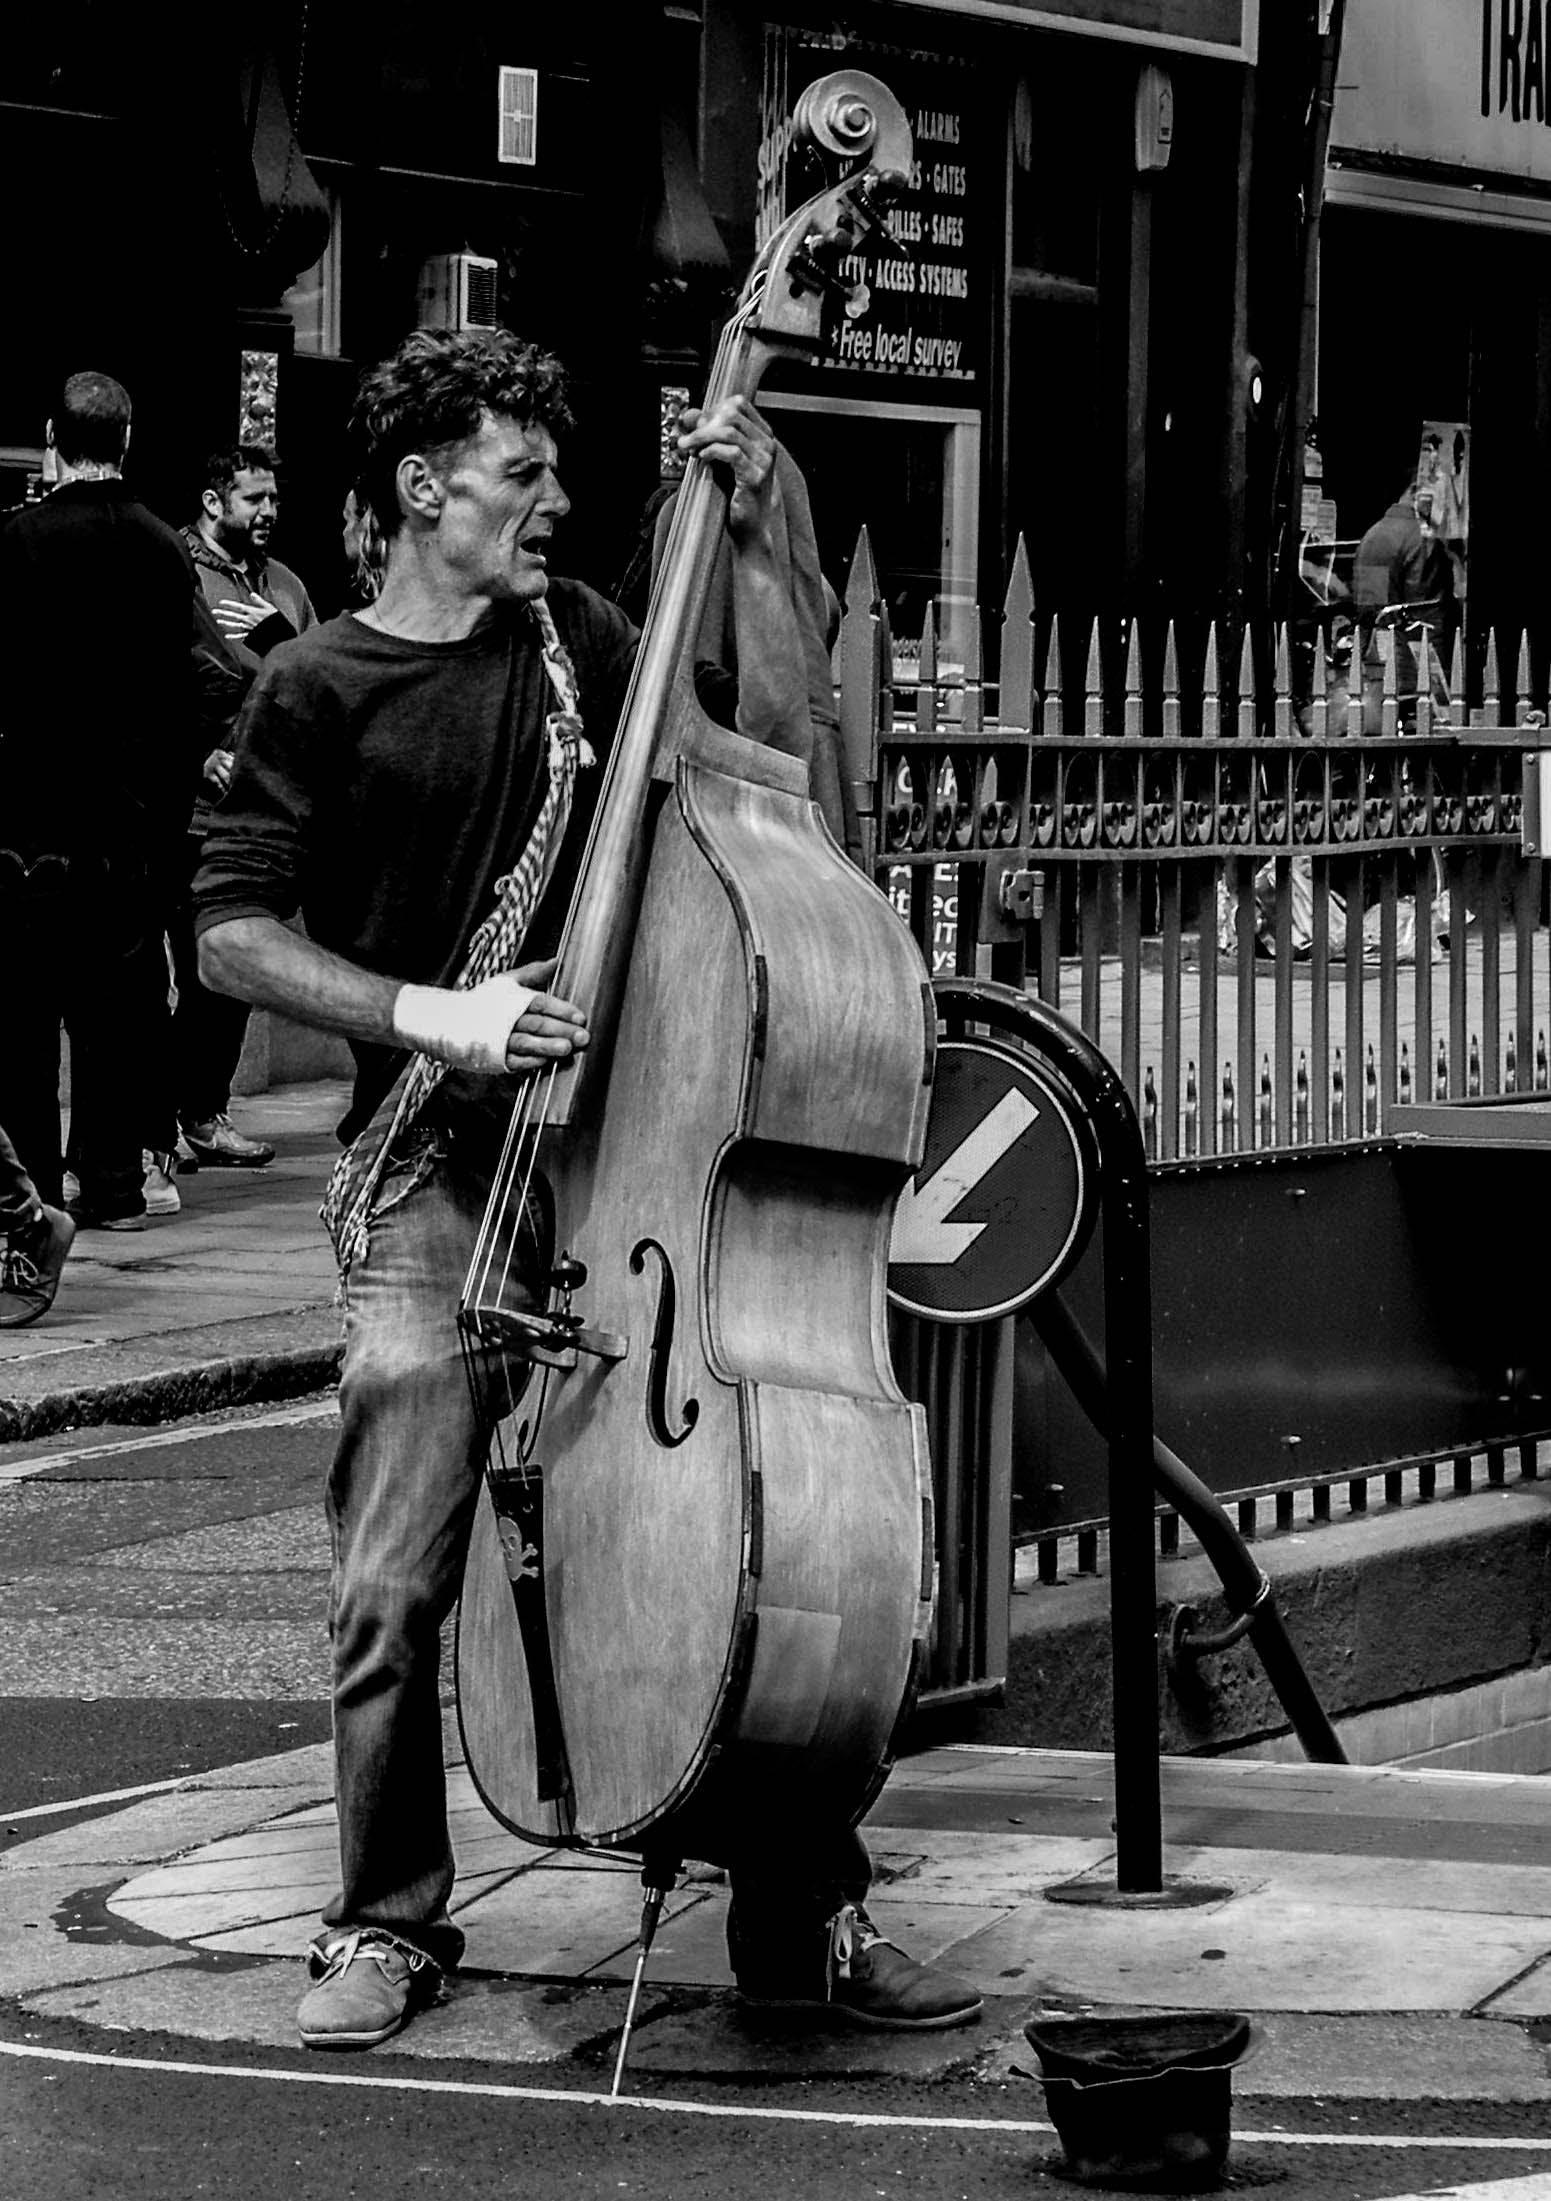 Kostnadsfri bild av artist, cello, gata, gatukonstnär